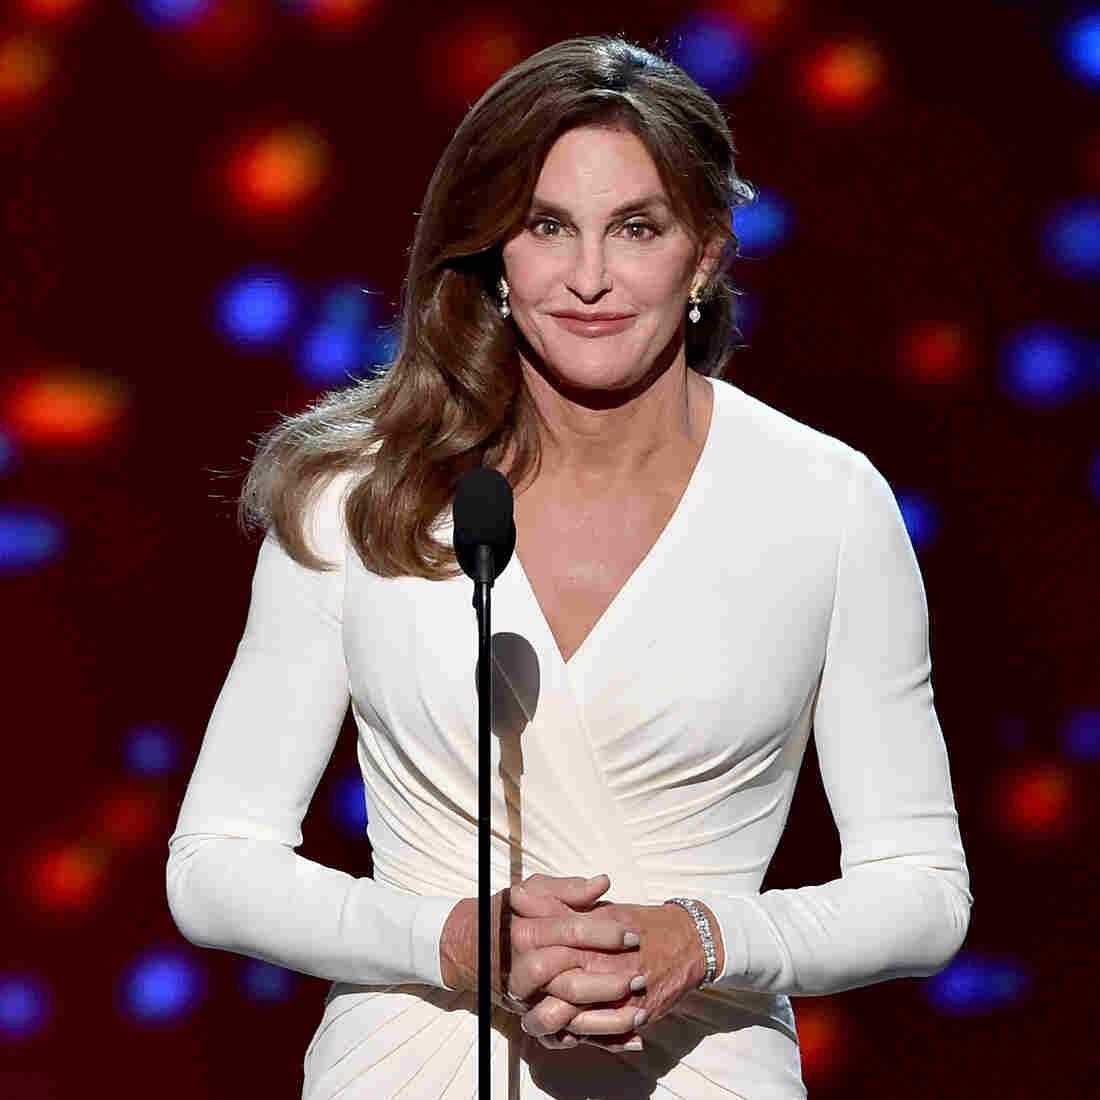 Caitlyn Jenner At ESPYs: Transgender People 'Deserve Your Respect'